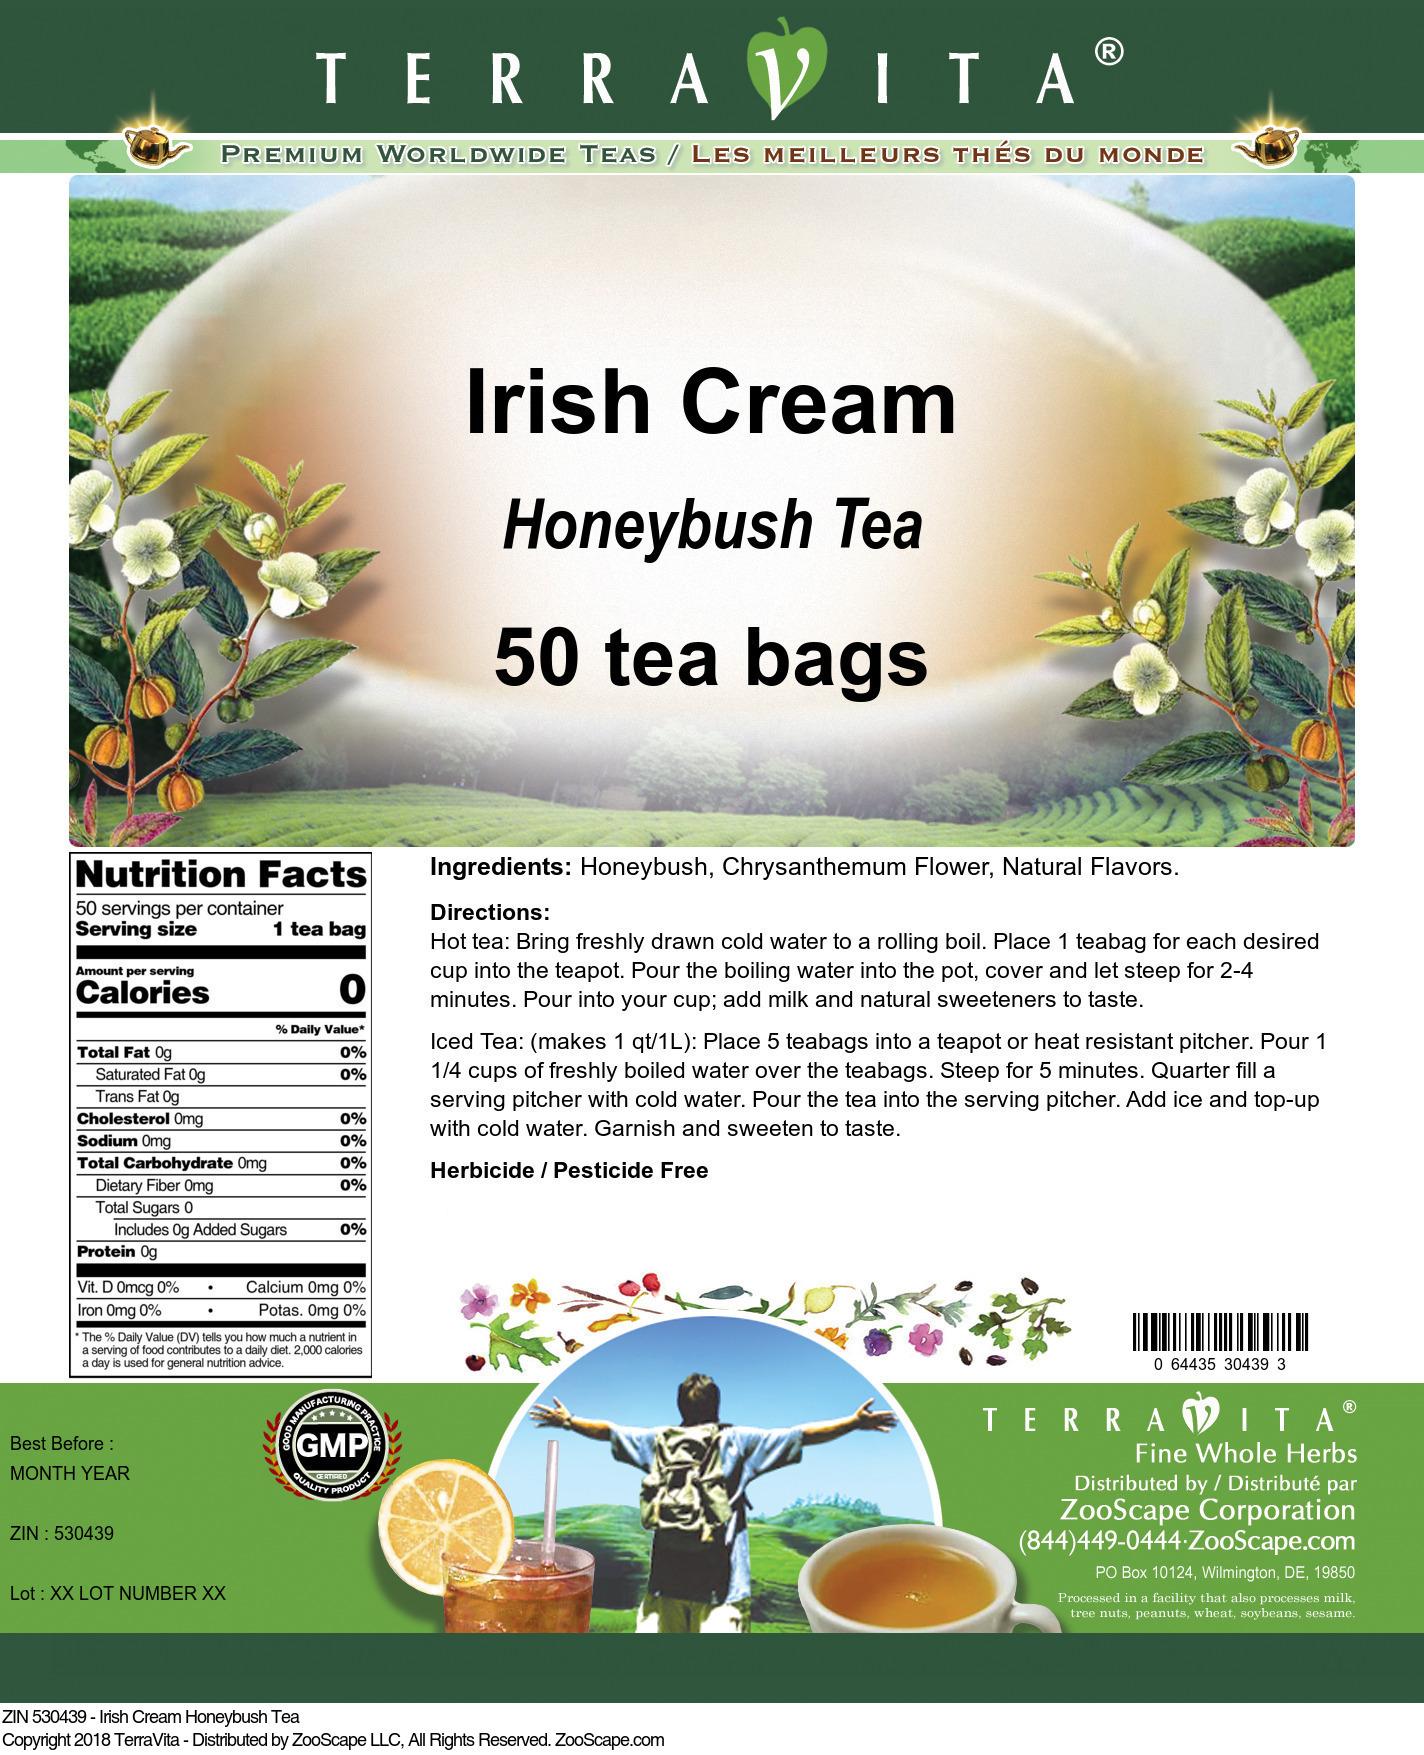 Irish Cream Honeybush Tea